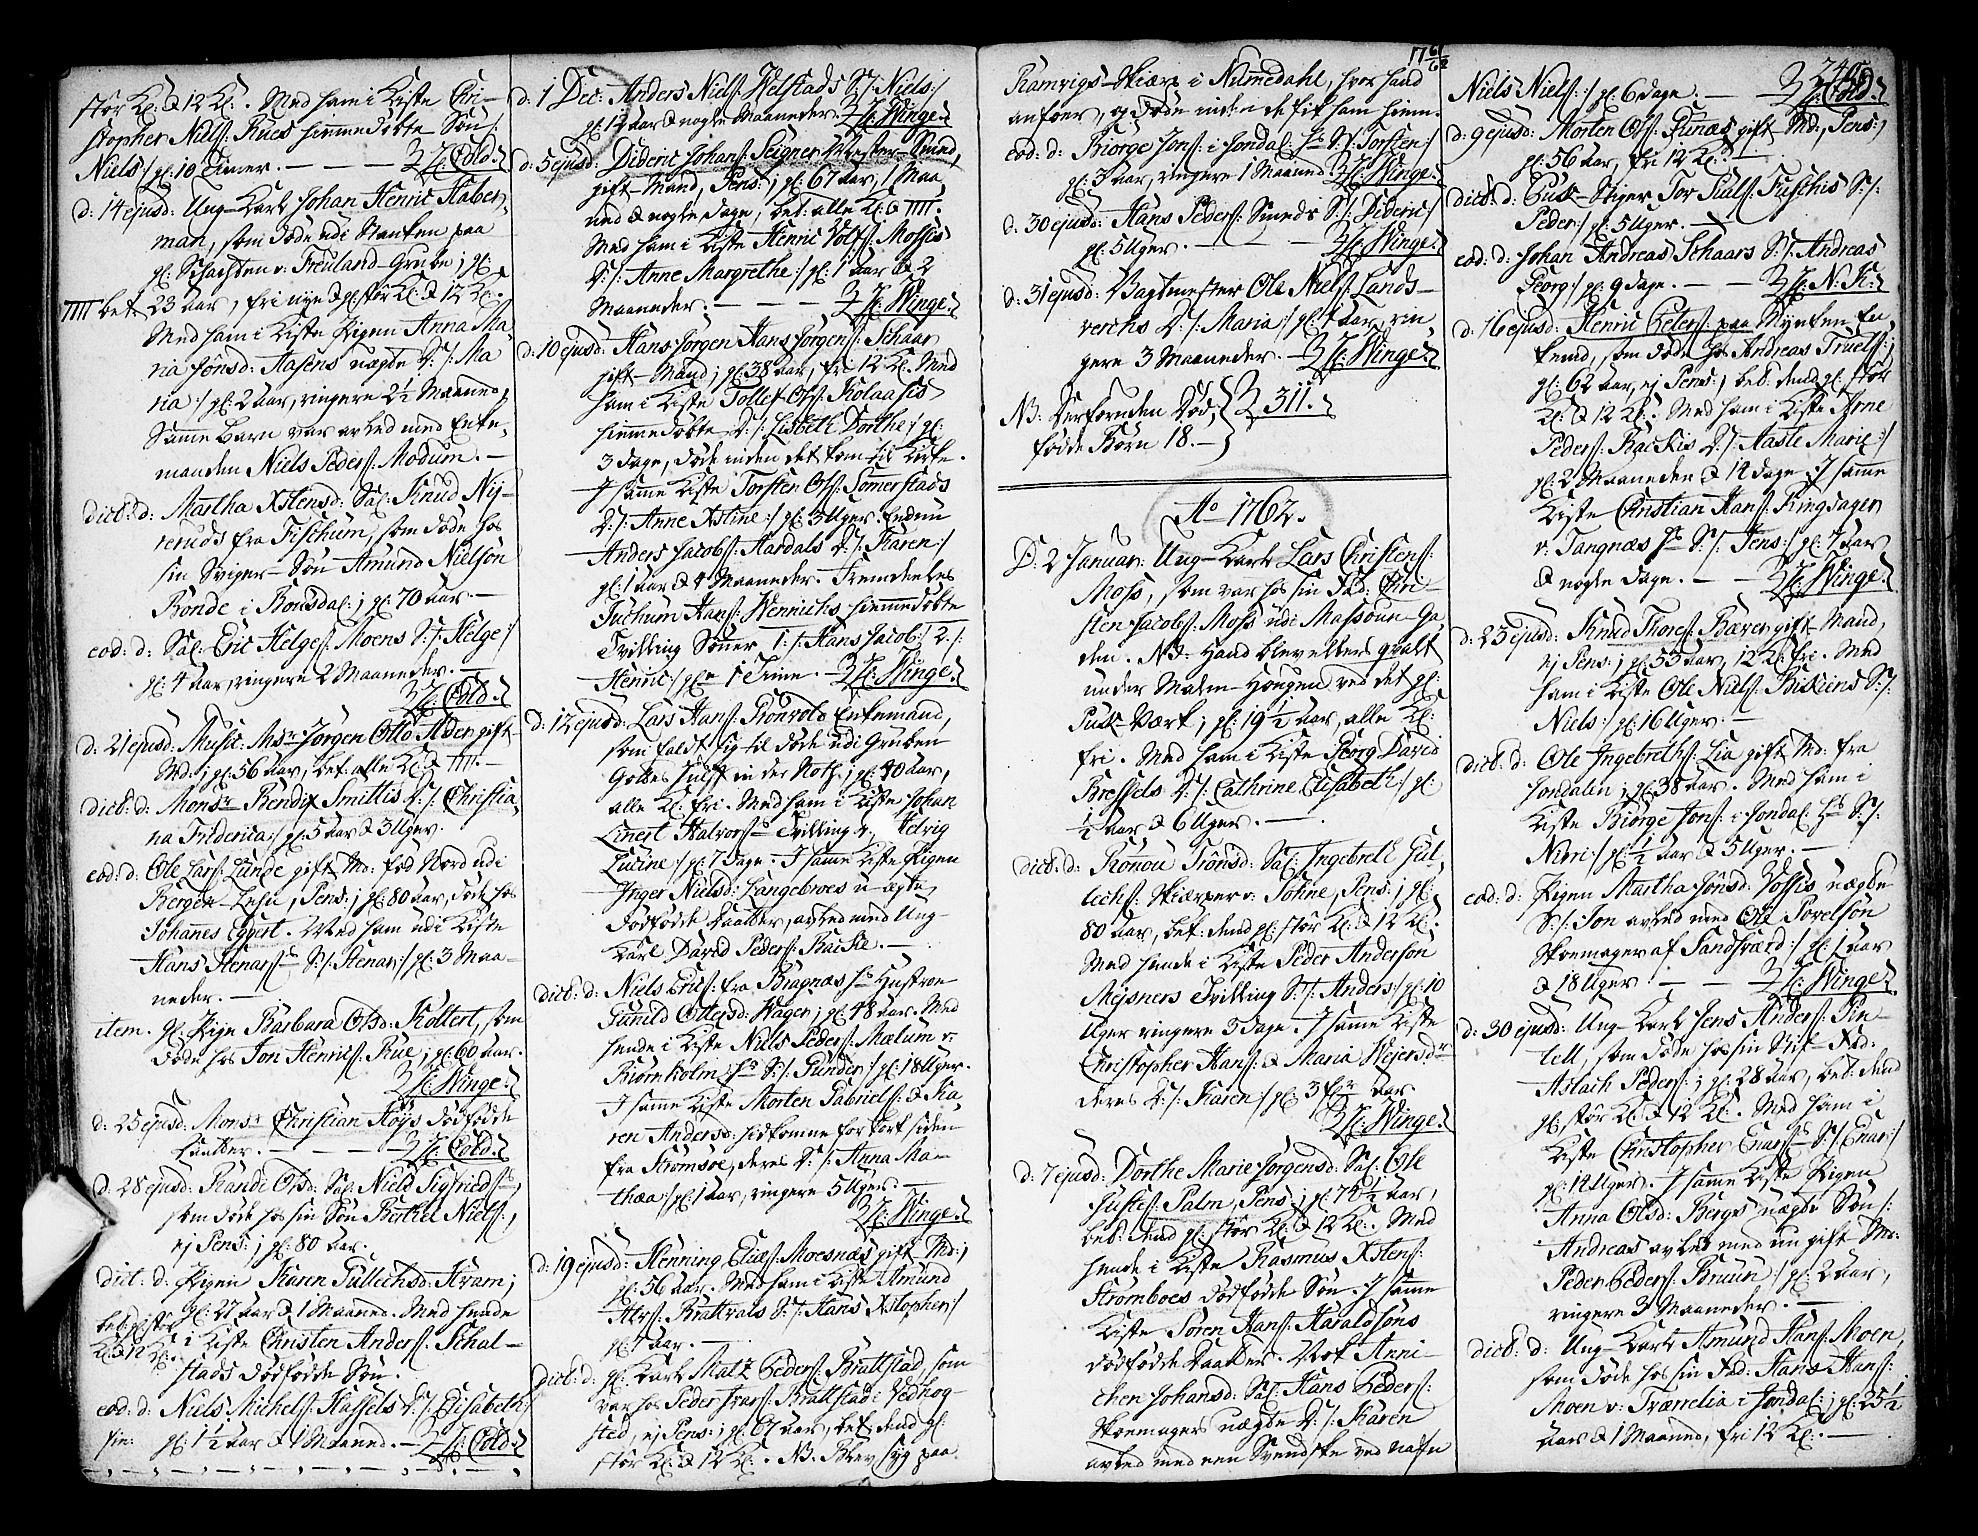 SAKO, Kongsberg kirkebøker, F/Fa/L0004: Ministerialbok nr. I 4, 1756-1768, s. 240